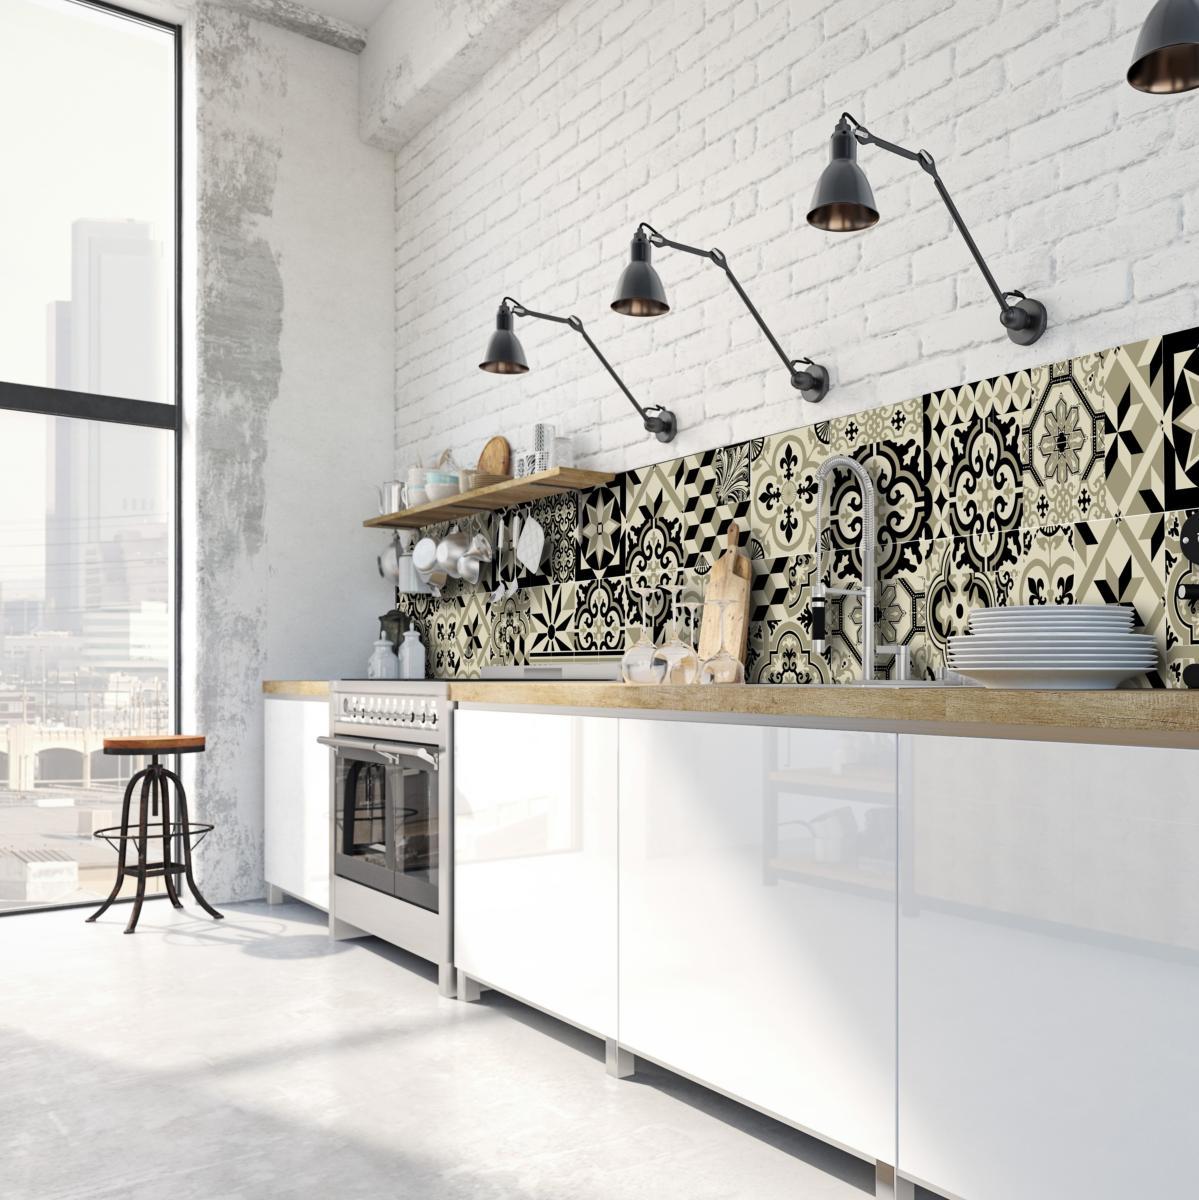 cr dence adh sive carreaux de ciment l on noir d. Black Bedroom Furniture Sets. Home Design Ideas